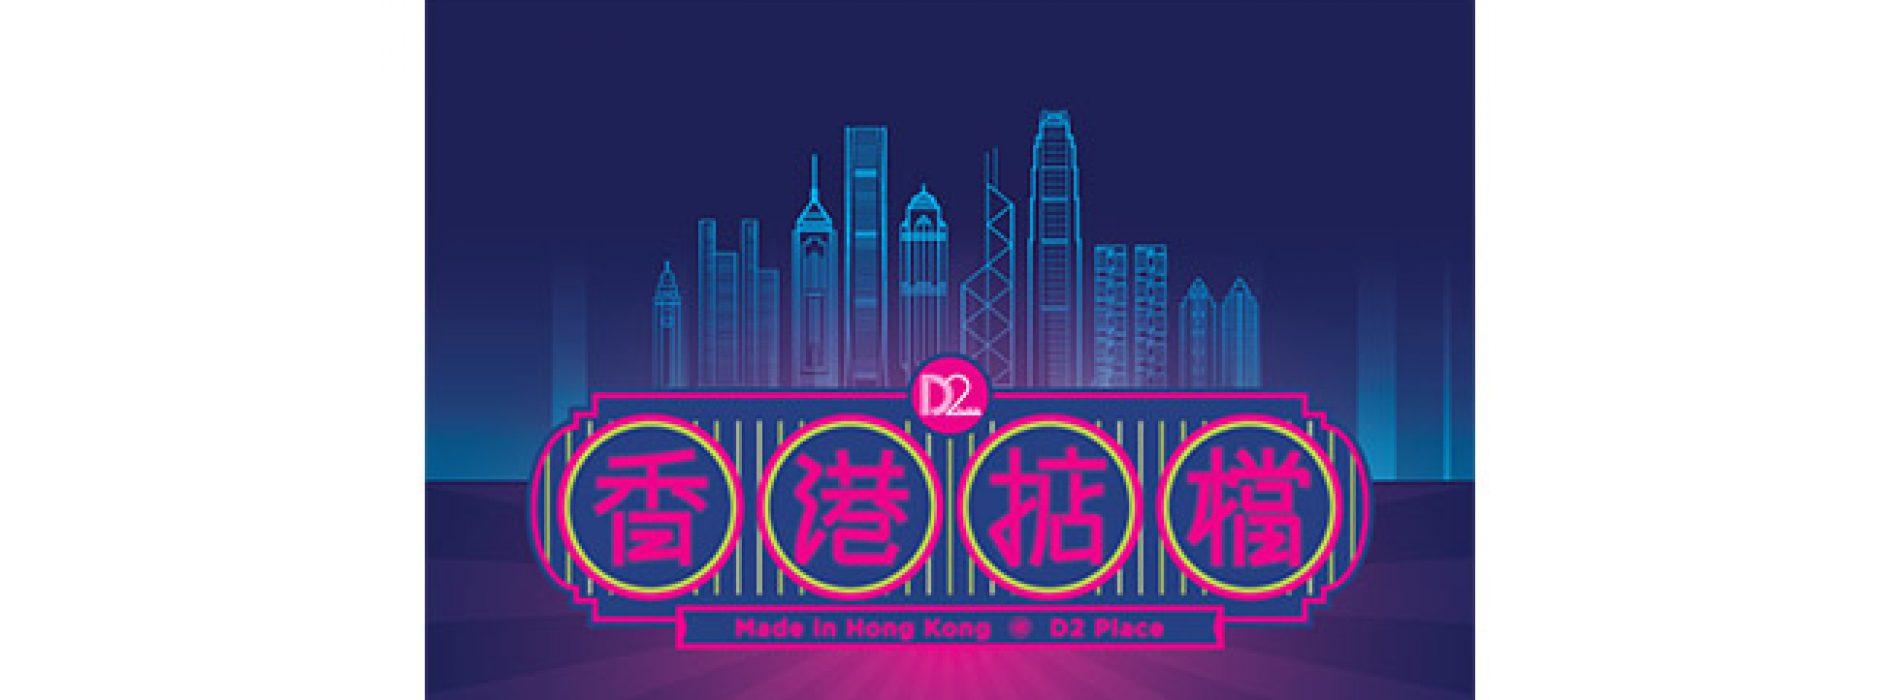 「香港掂檔」夏日嘉年華  【7月1日至8月31日】